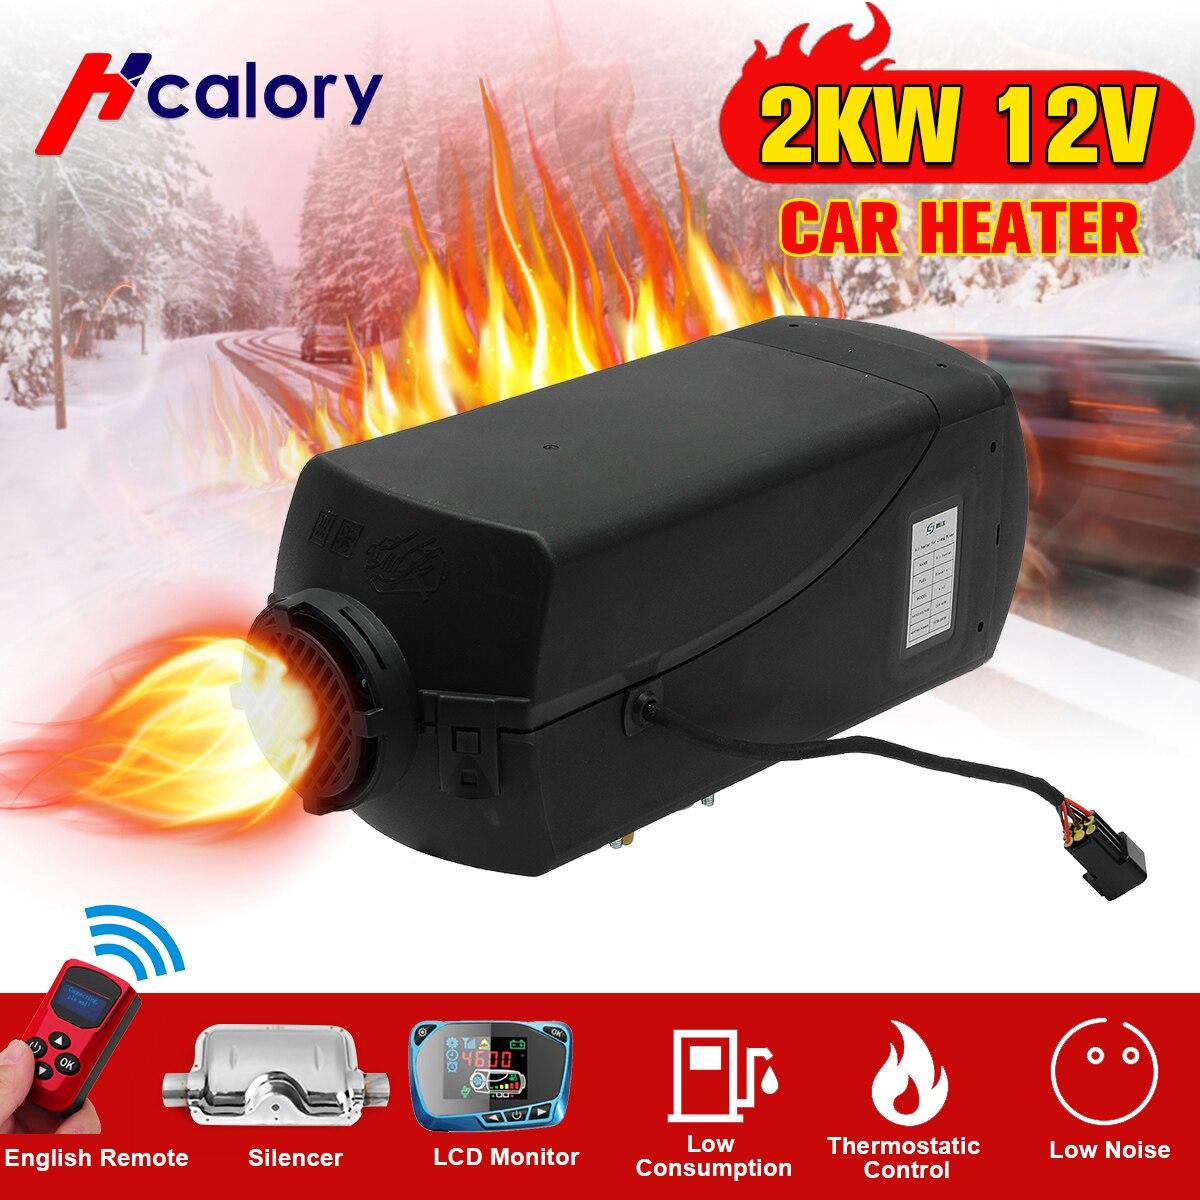 Aquecedor do carro 2KW 12V Ar Diesel Aquecedor de Estacionamento Aquecedor Com Controle Remoto Monitor LCD Para RV, motorhome Reboque, Caminhões, Barcos